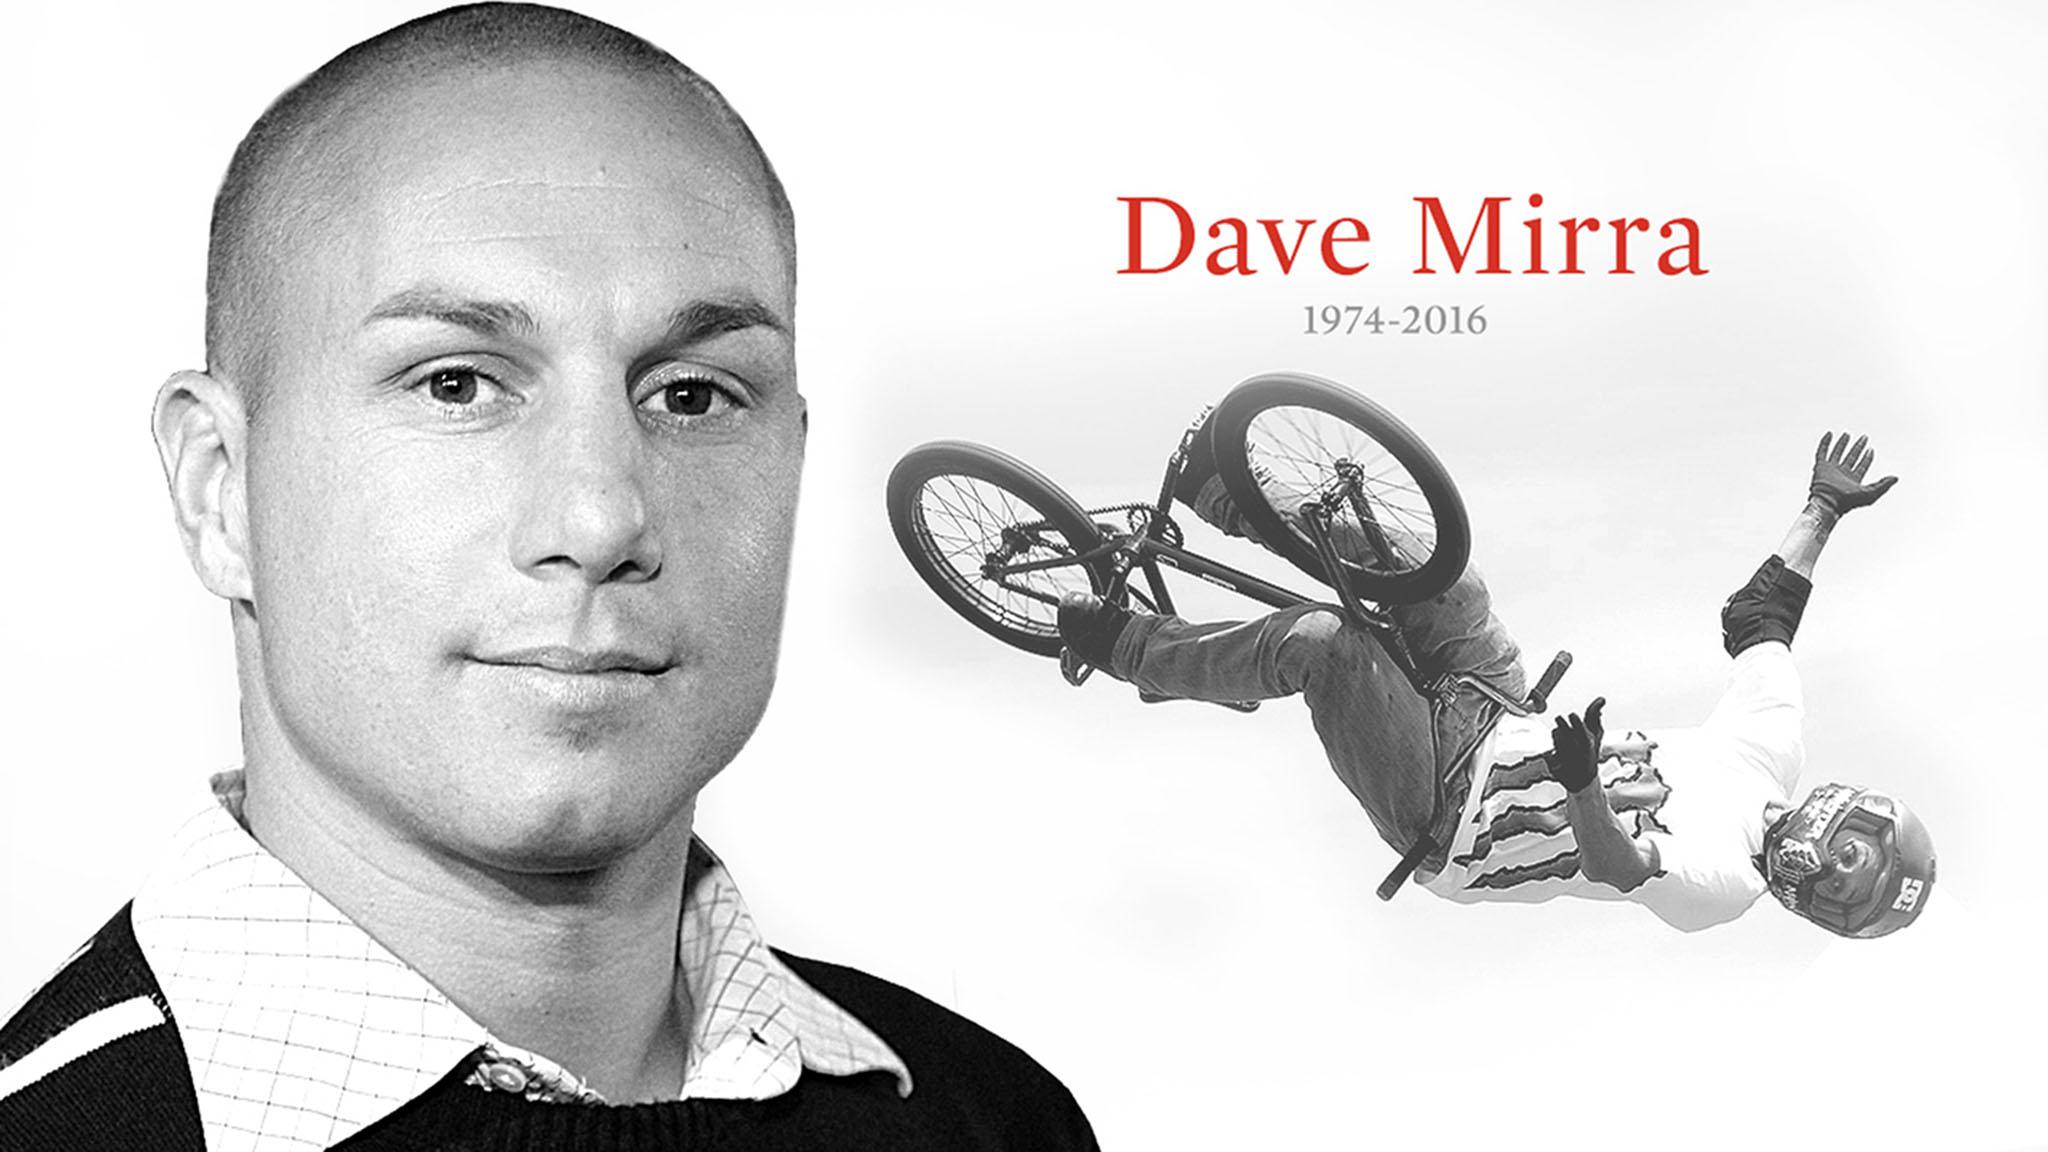 Dave Mirra, 1974 - 2016